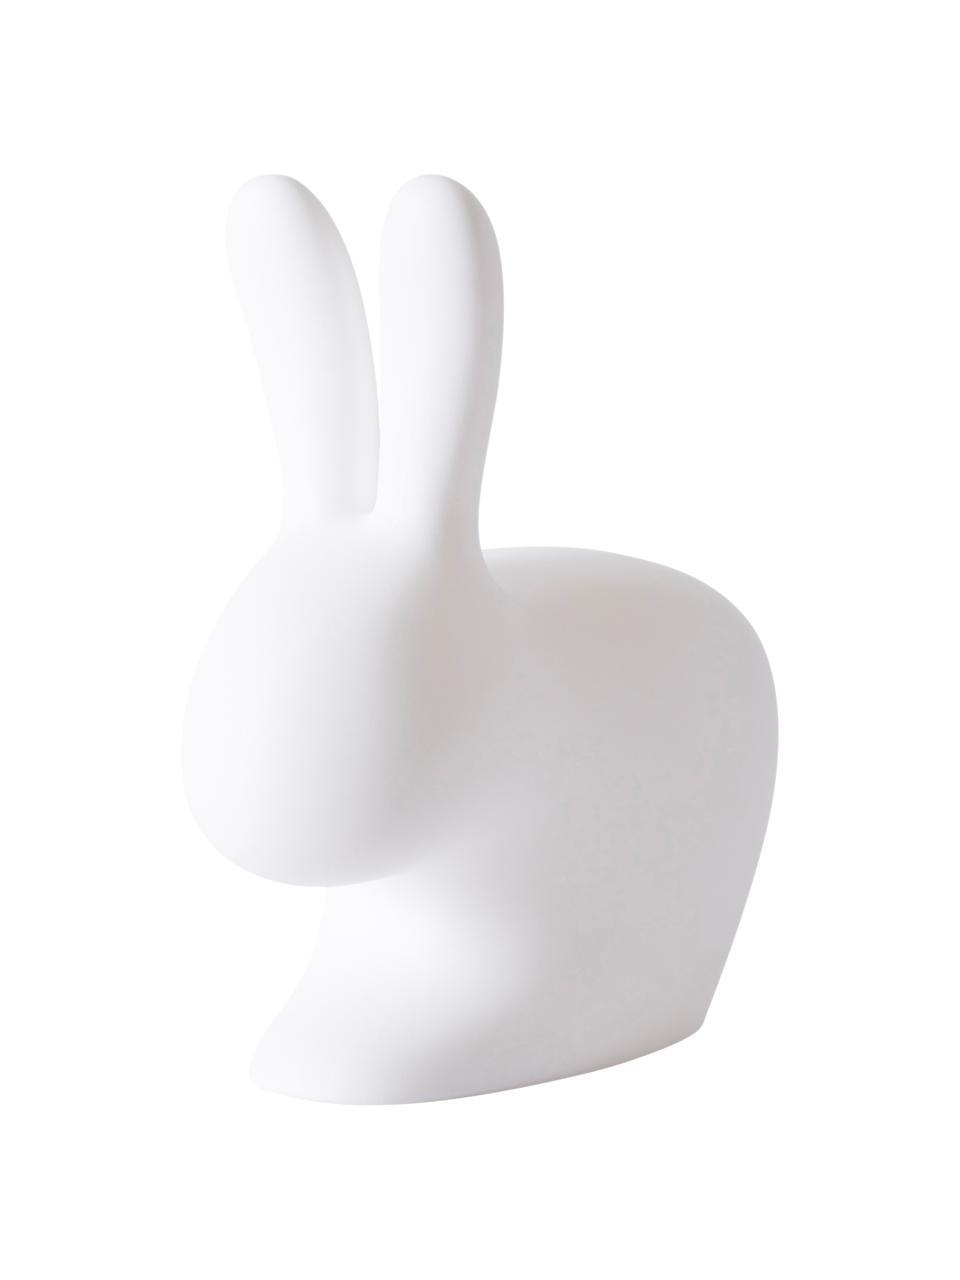 Dimmbare Mobile Bodenleuchte Rabbit, Leuchte: Kunststoff, Weiß, 45 x 53 cm